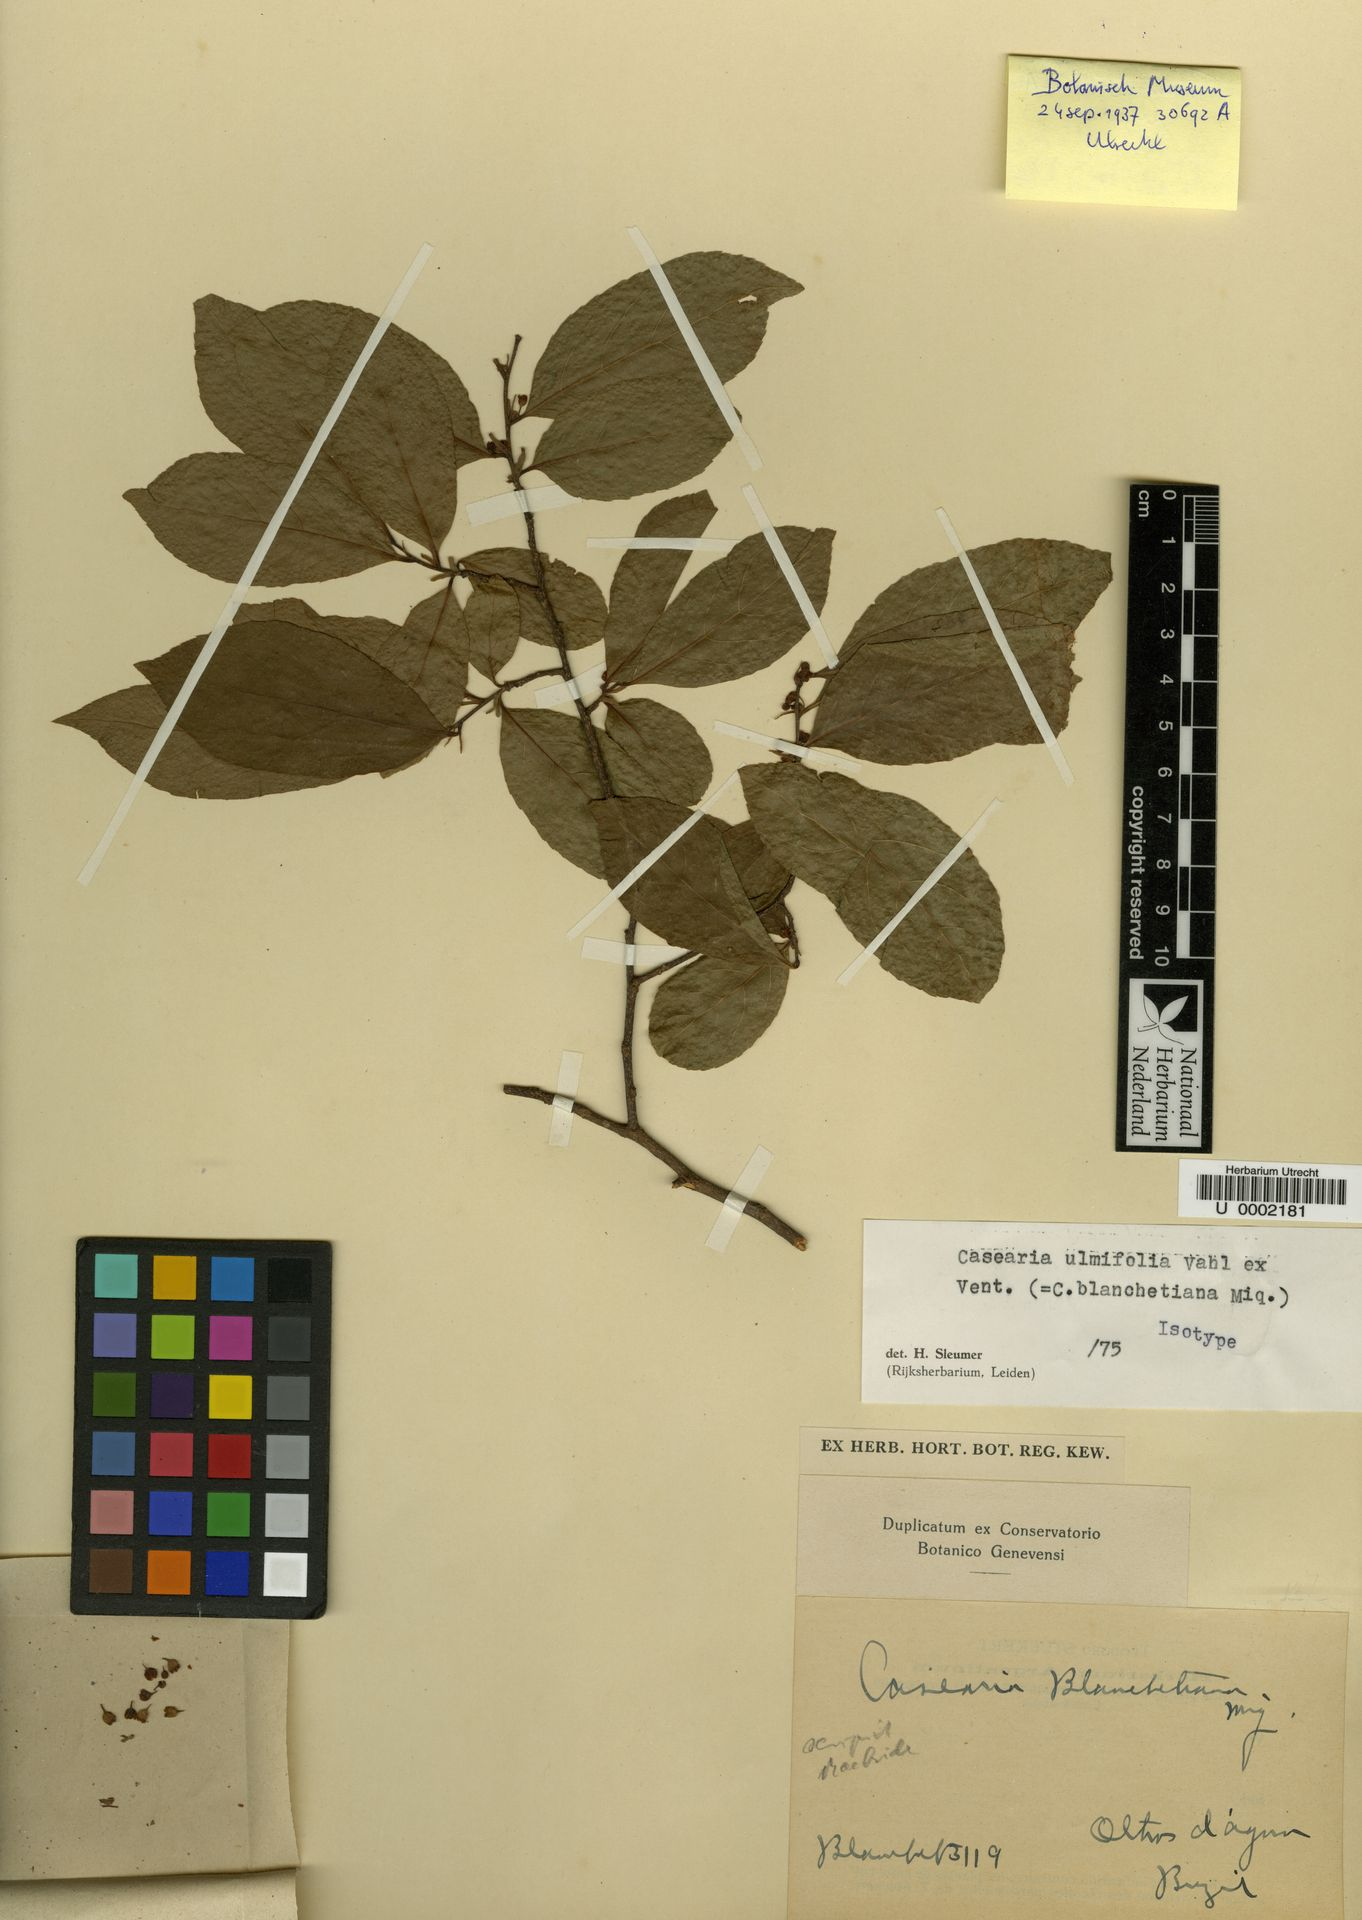 U  0002181 | Casearia ulmifolia Vahl ex Vent.